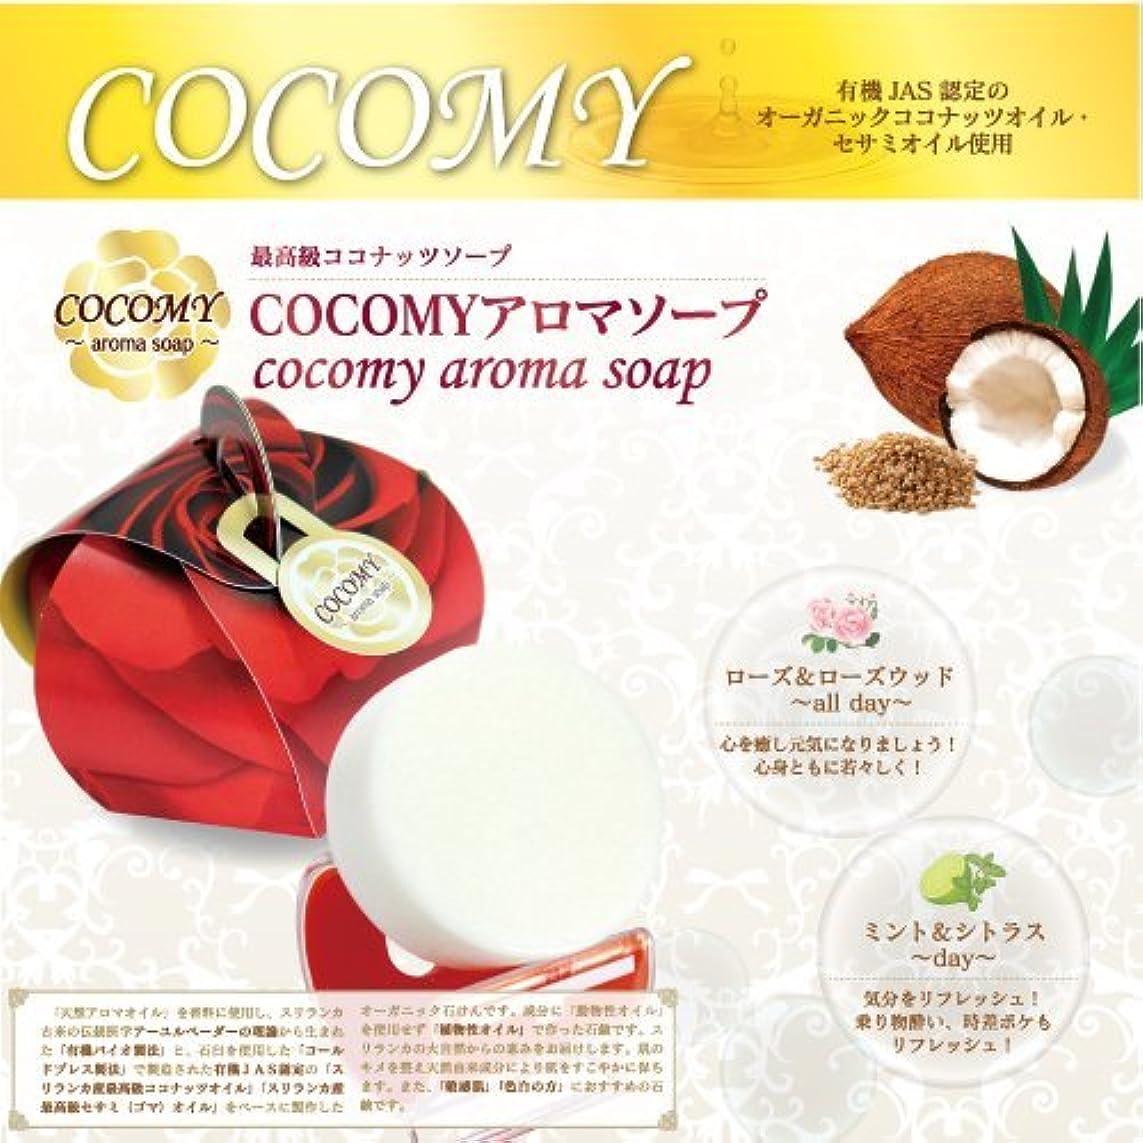 シアー哲学的外交官COCOMY aromaソープ 2個セット (ミント&シトラス)(ローズ&ローズウッド) 40g×各1